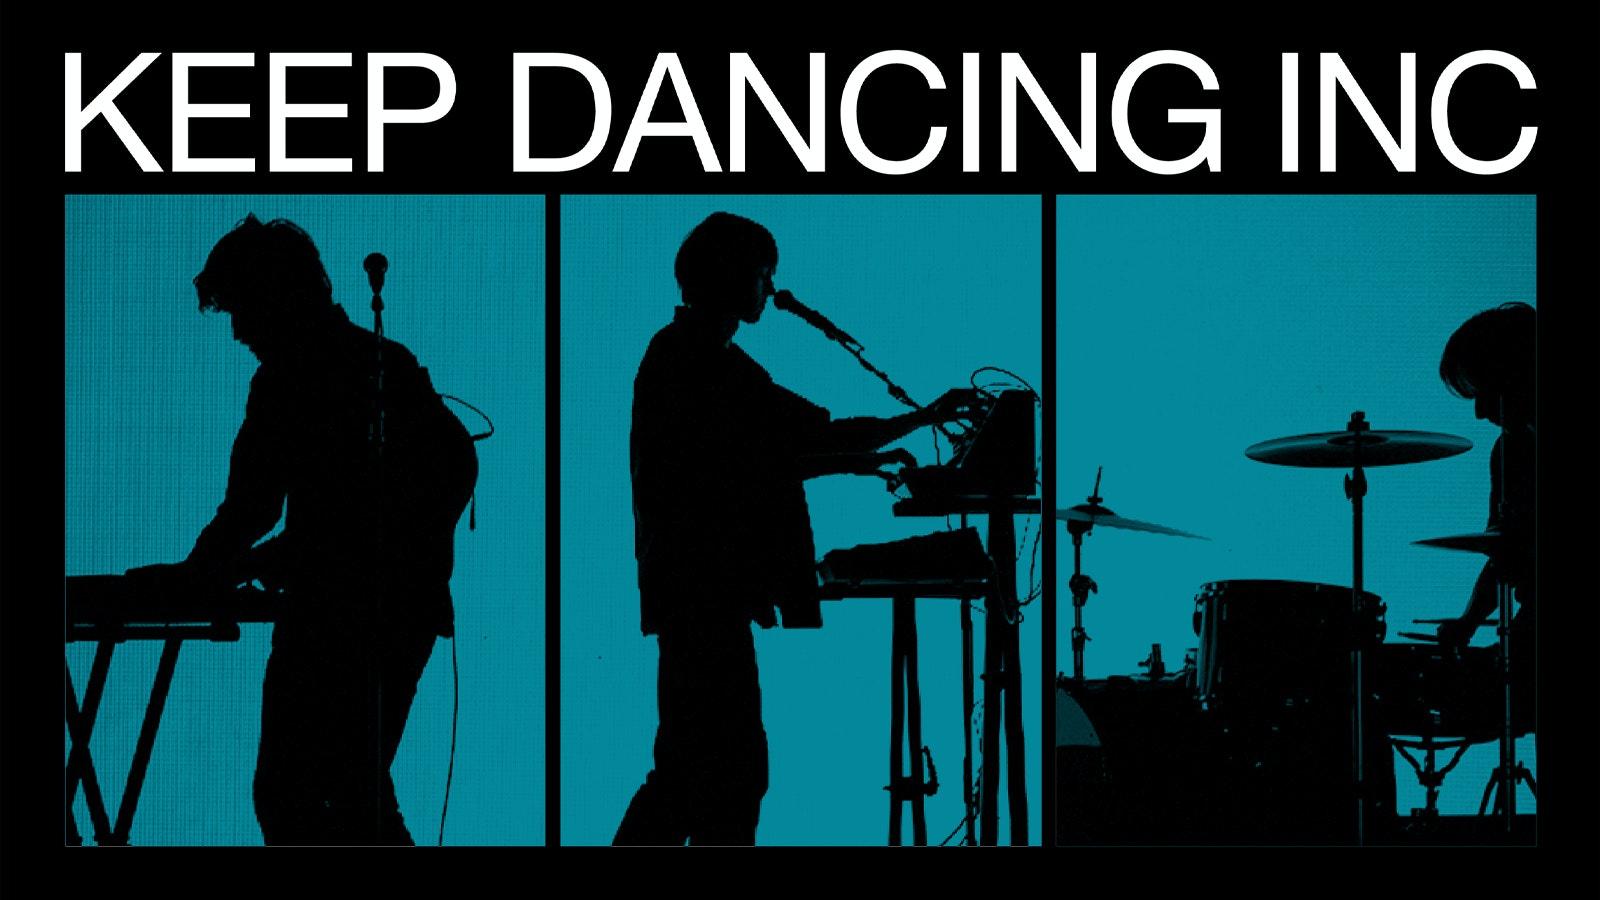 Keep Dancing Inc